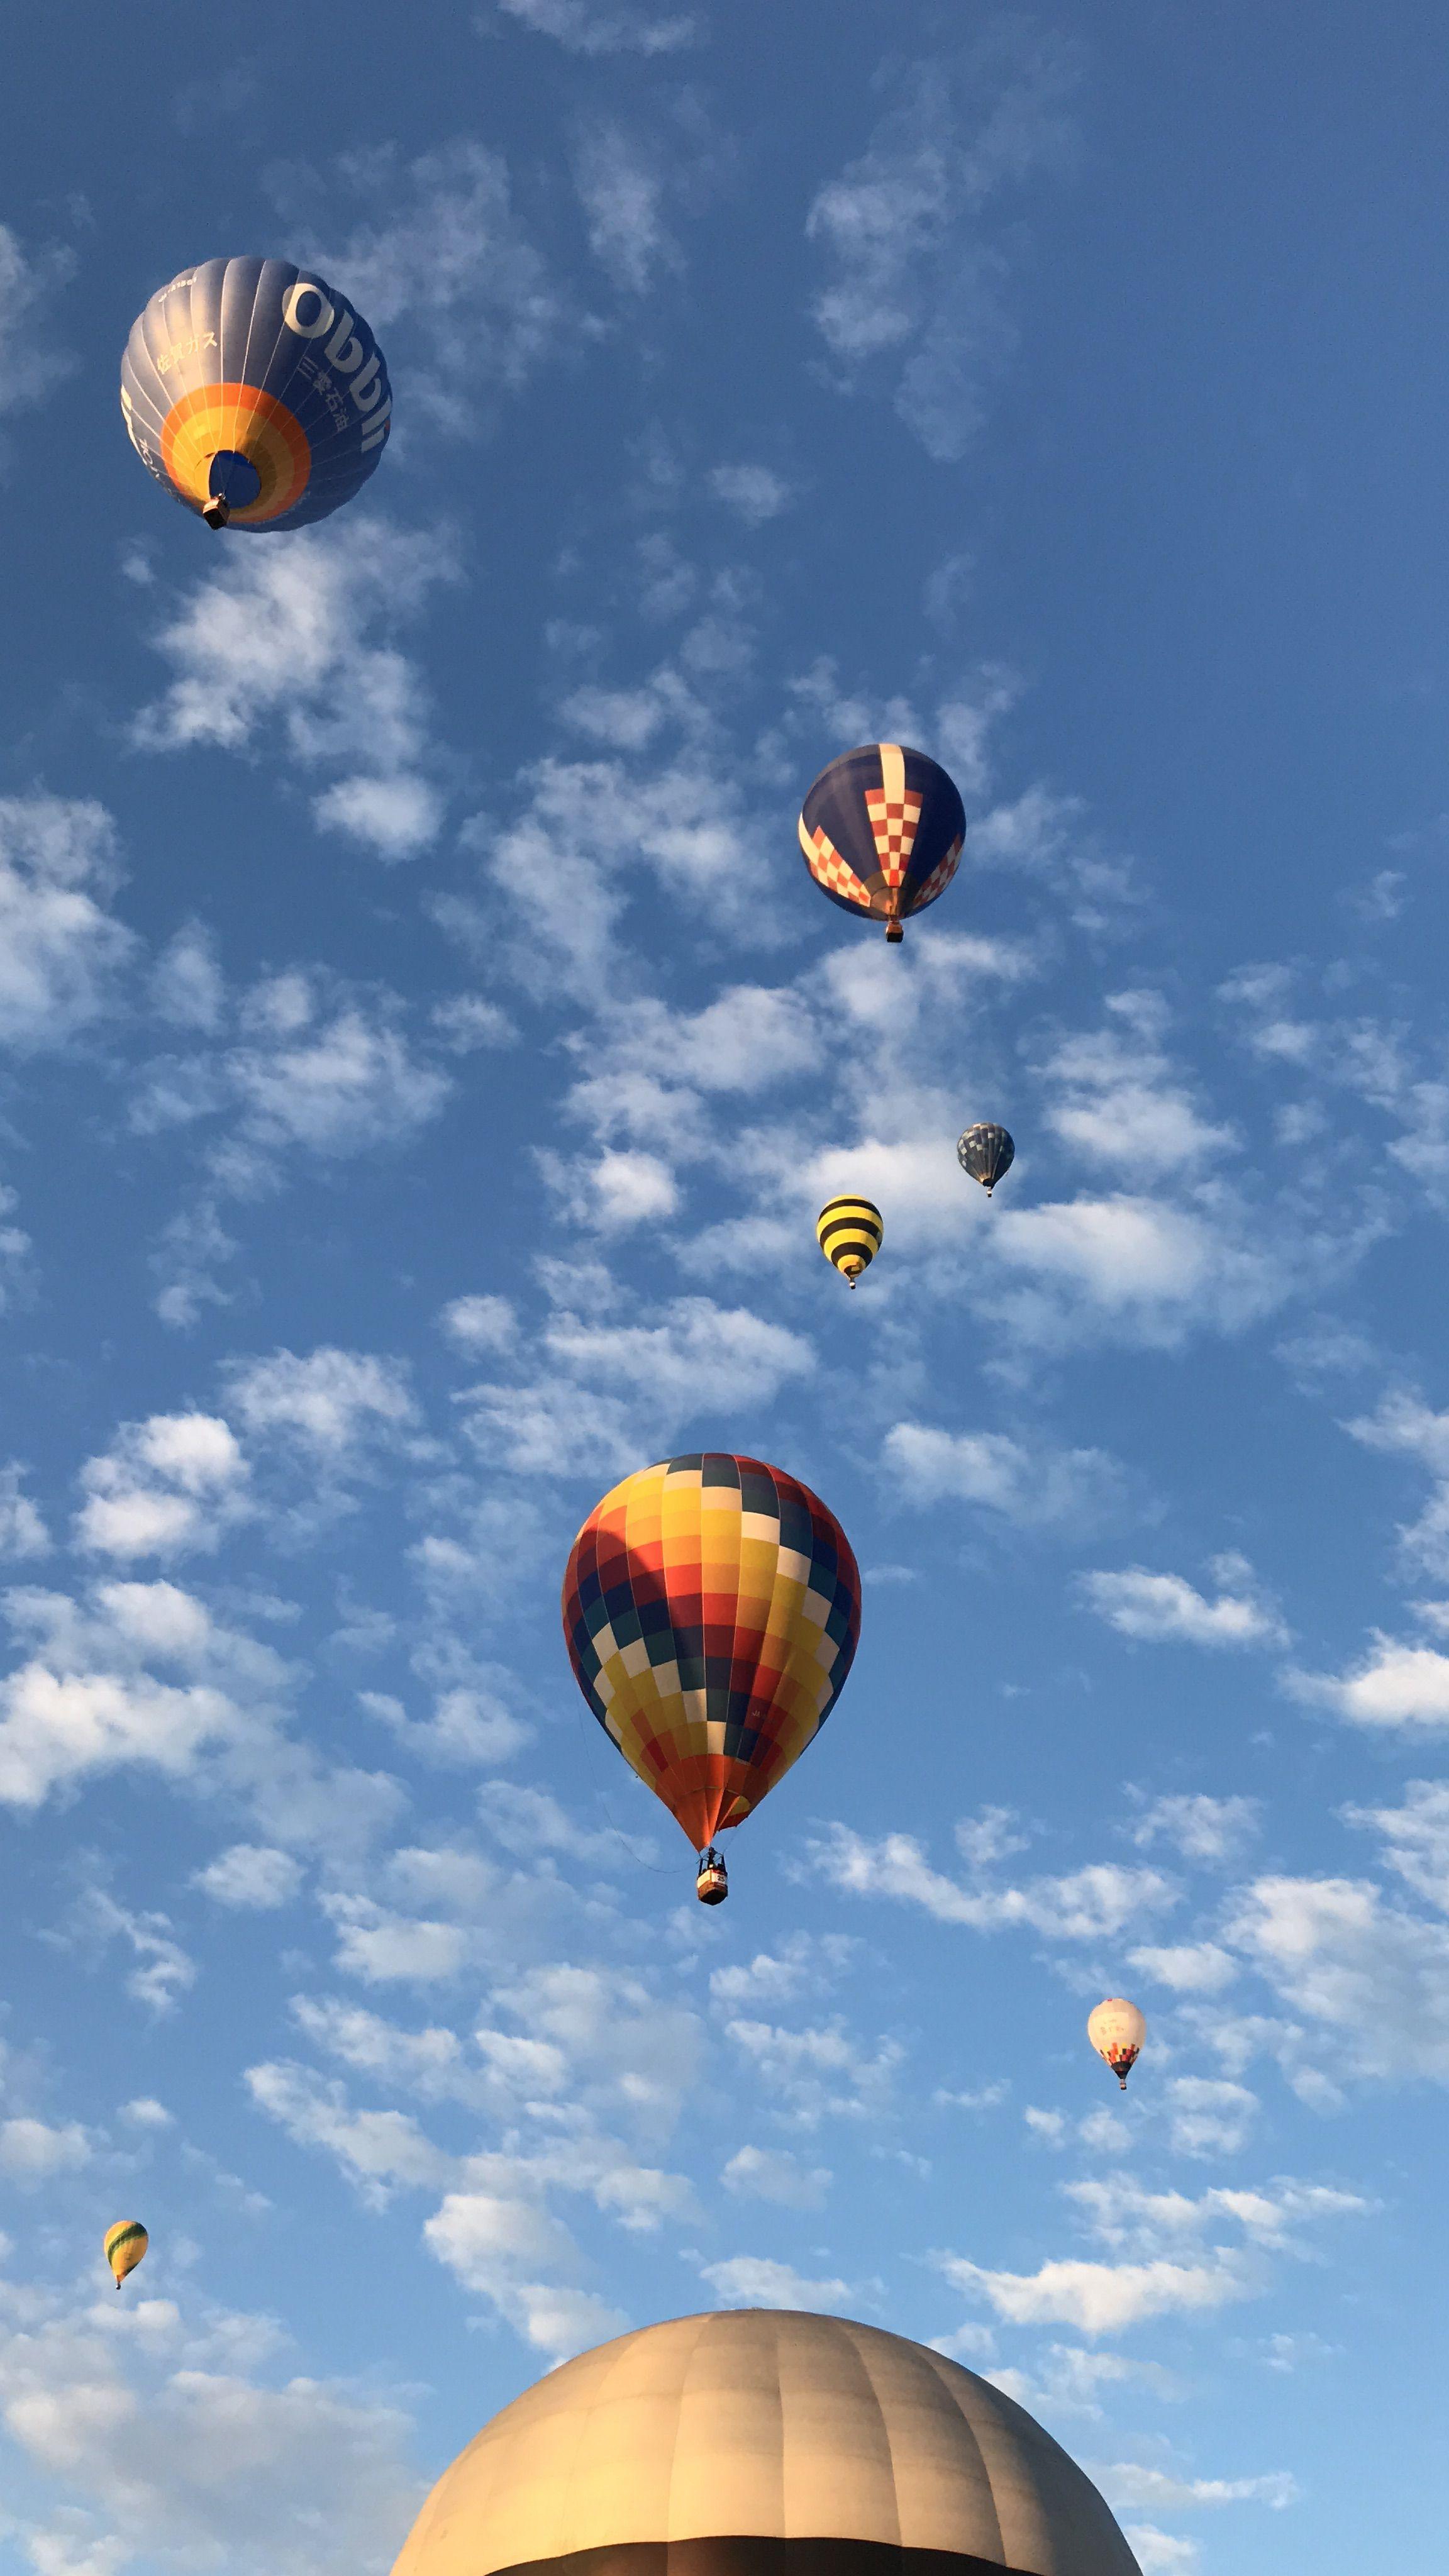 Saga balloon 🎈 festival in 2019 Air balloon, Hot air